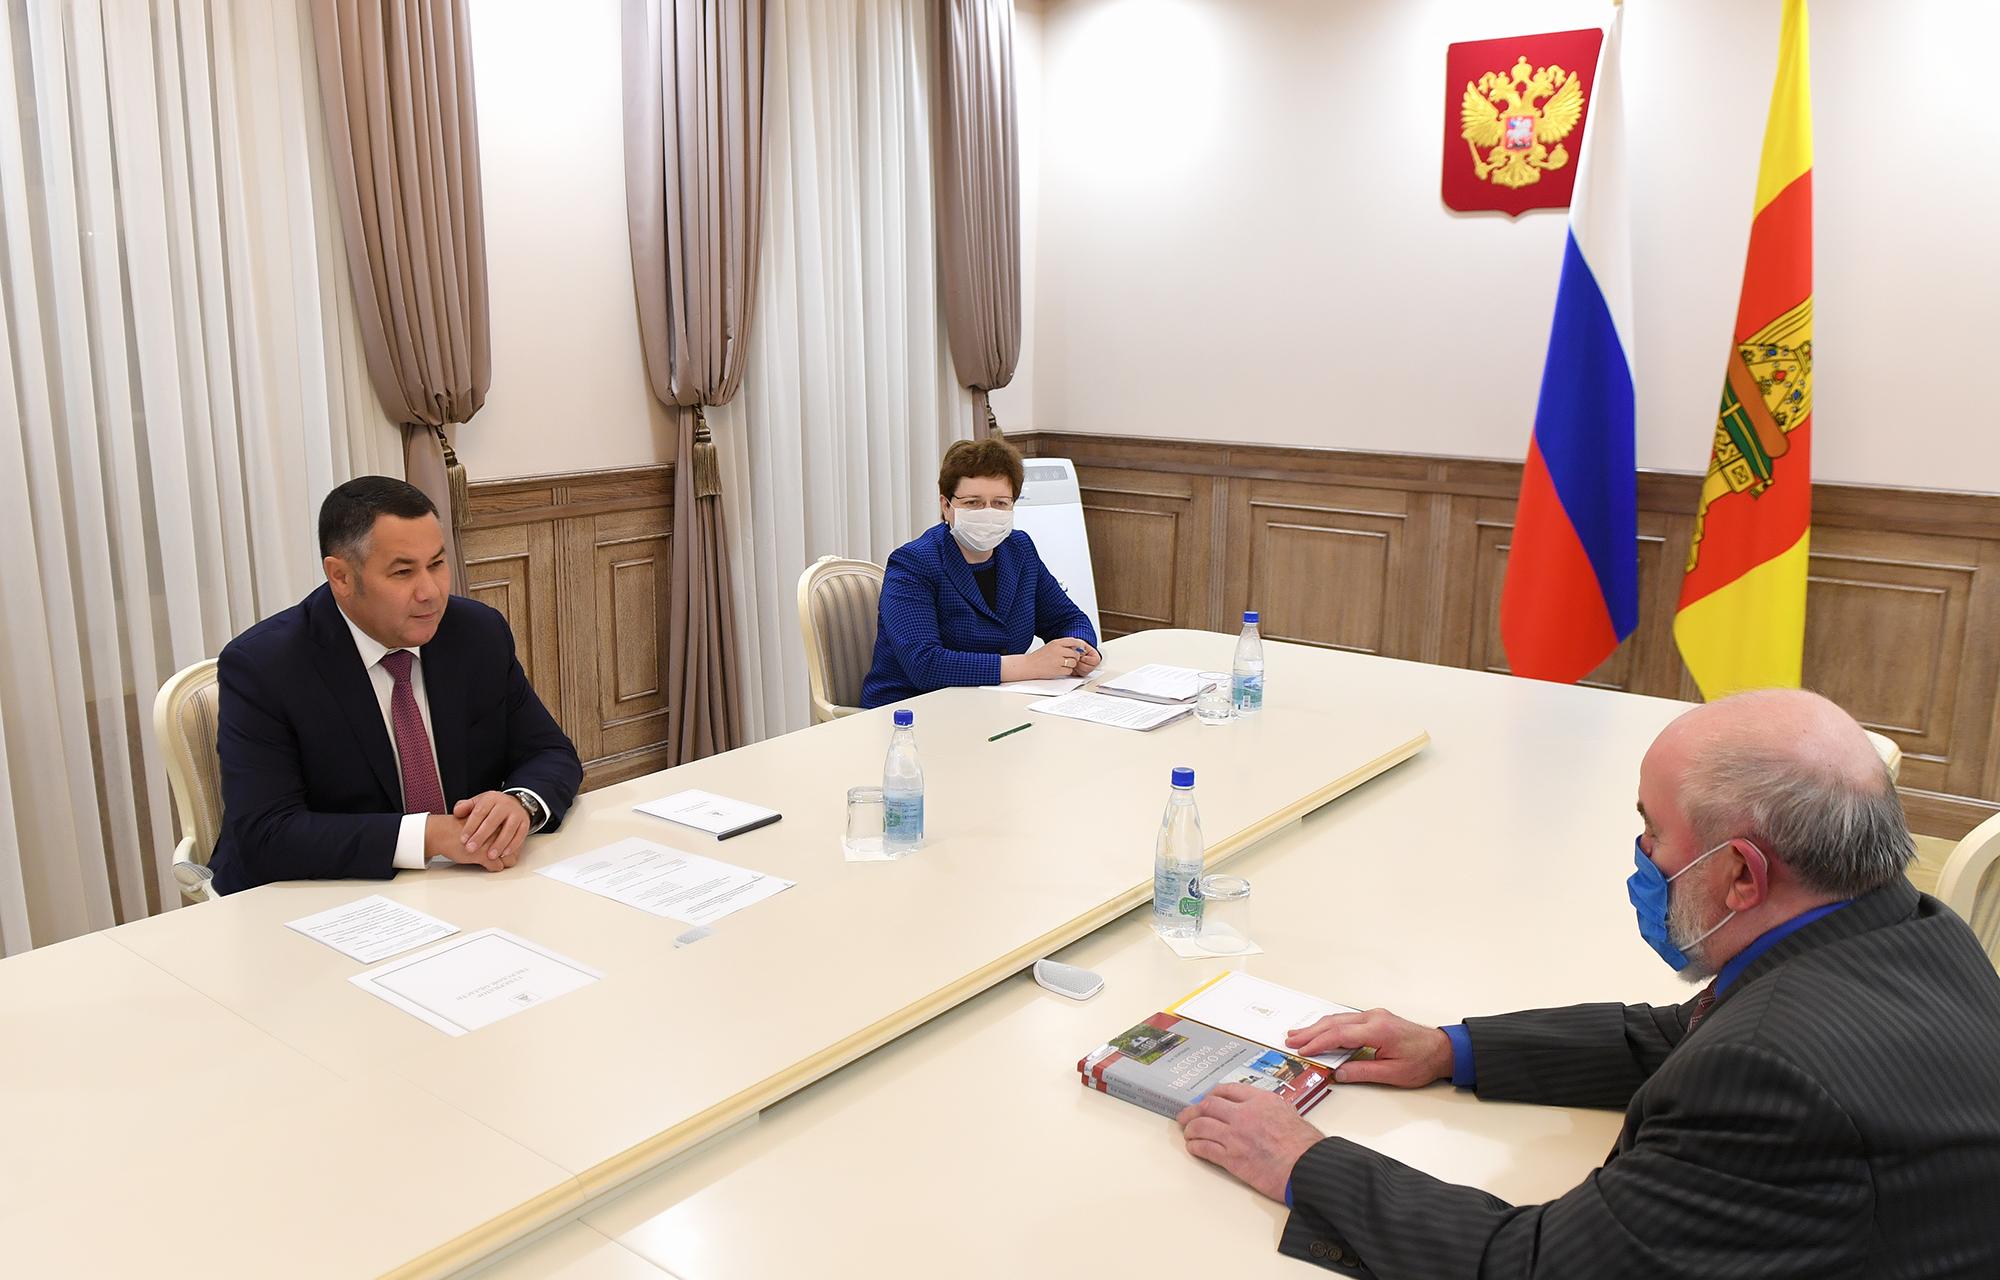 Губернатор Игорь Руденя провел встречу с краеведом Вячеславом Воробьевым